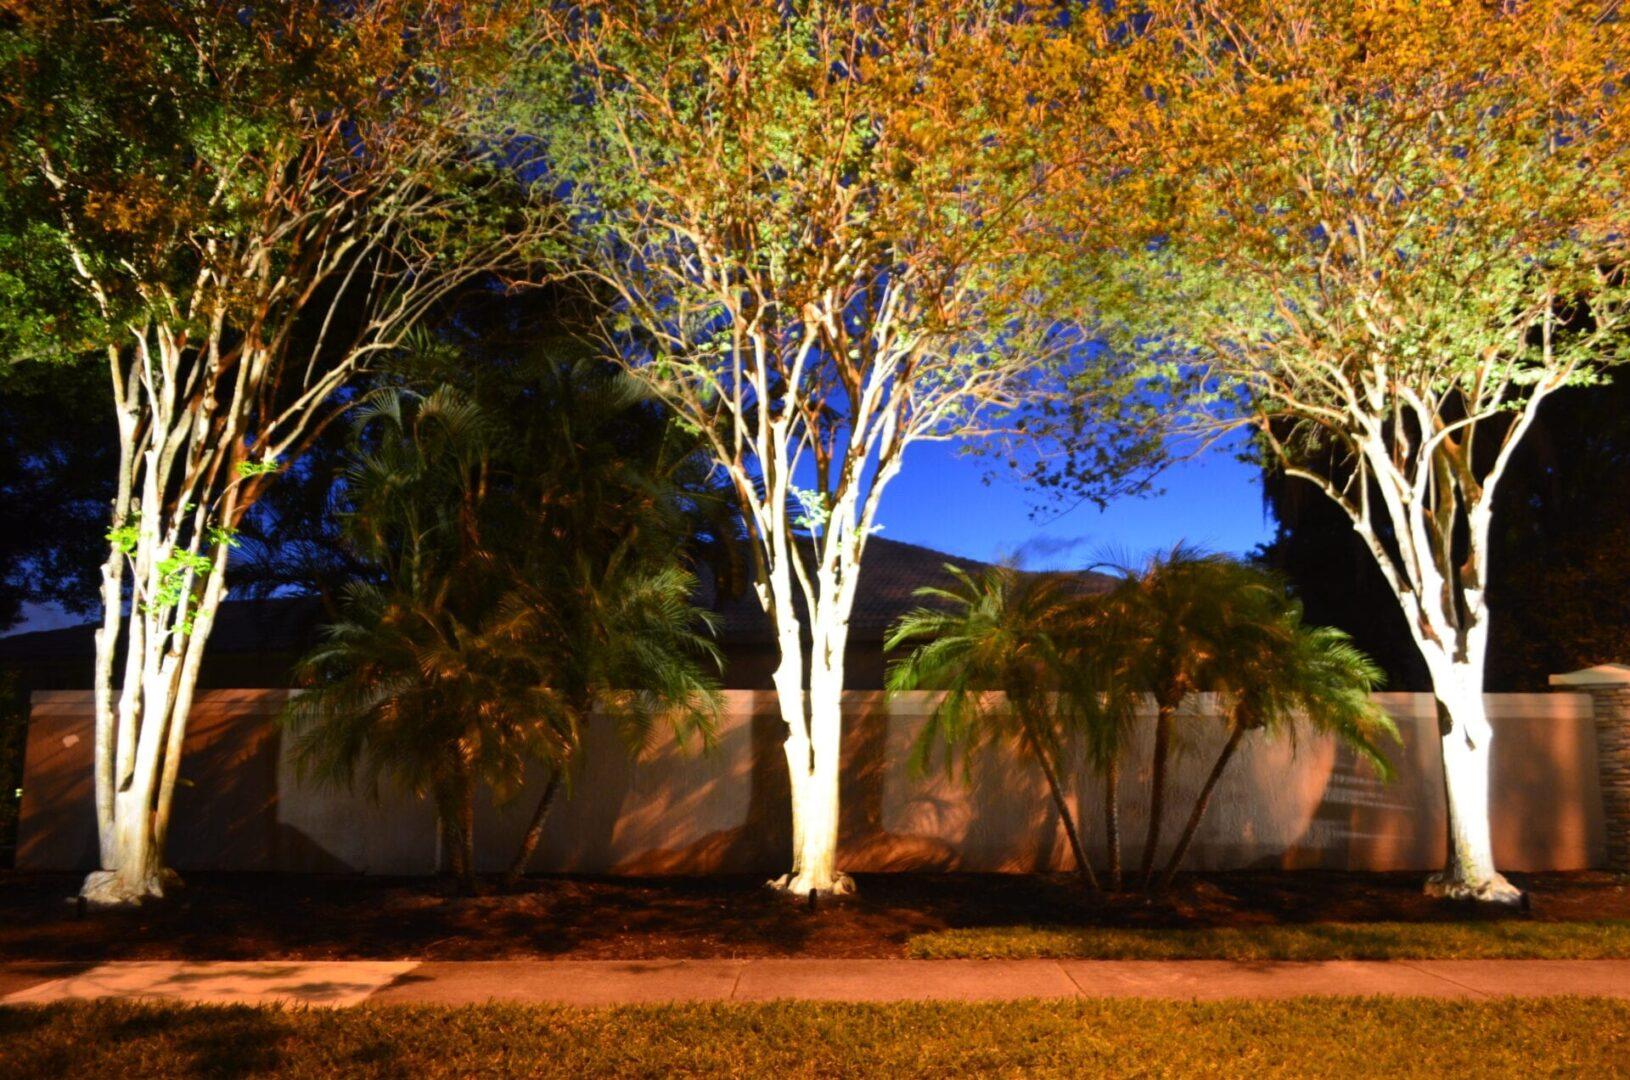 Residential Landscpae Lighting LED Lights